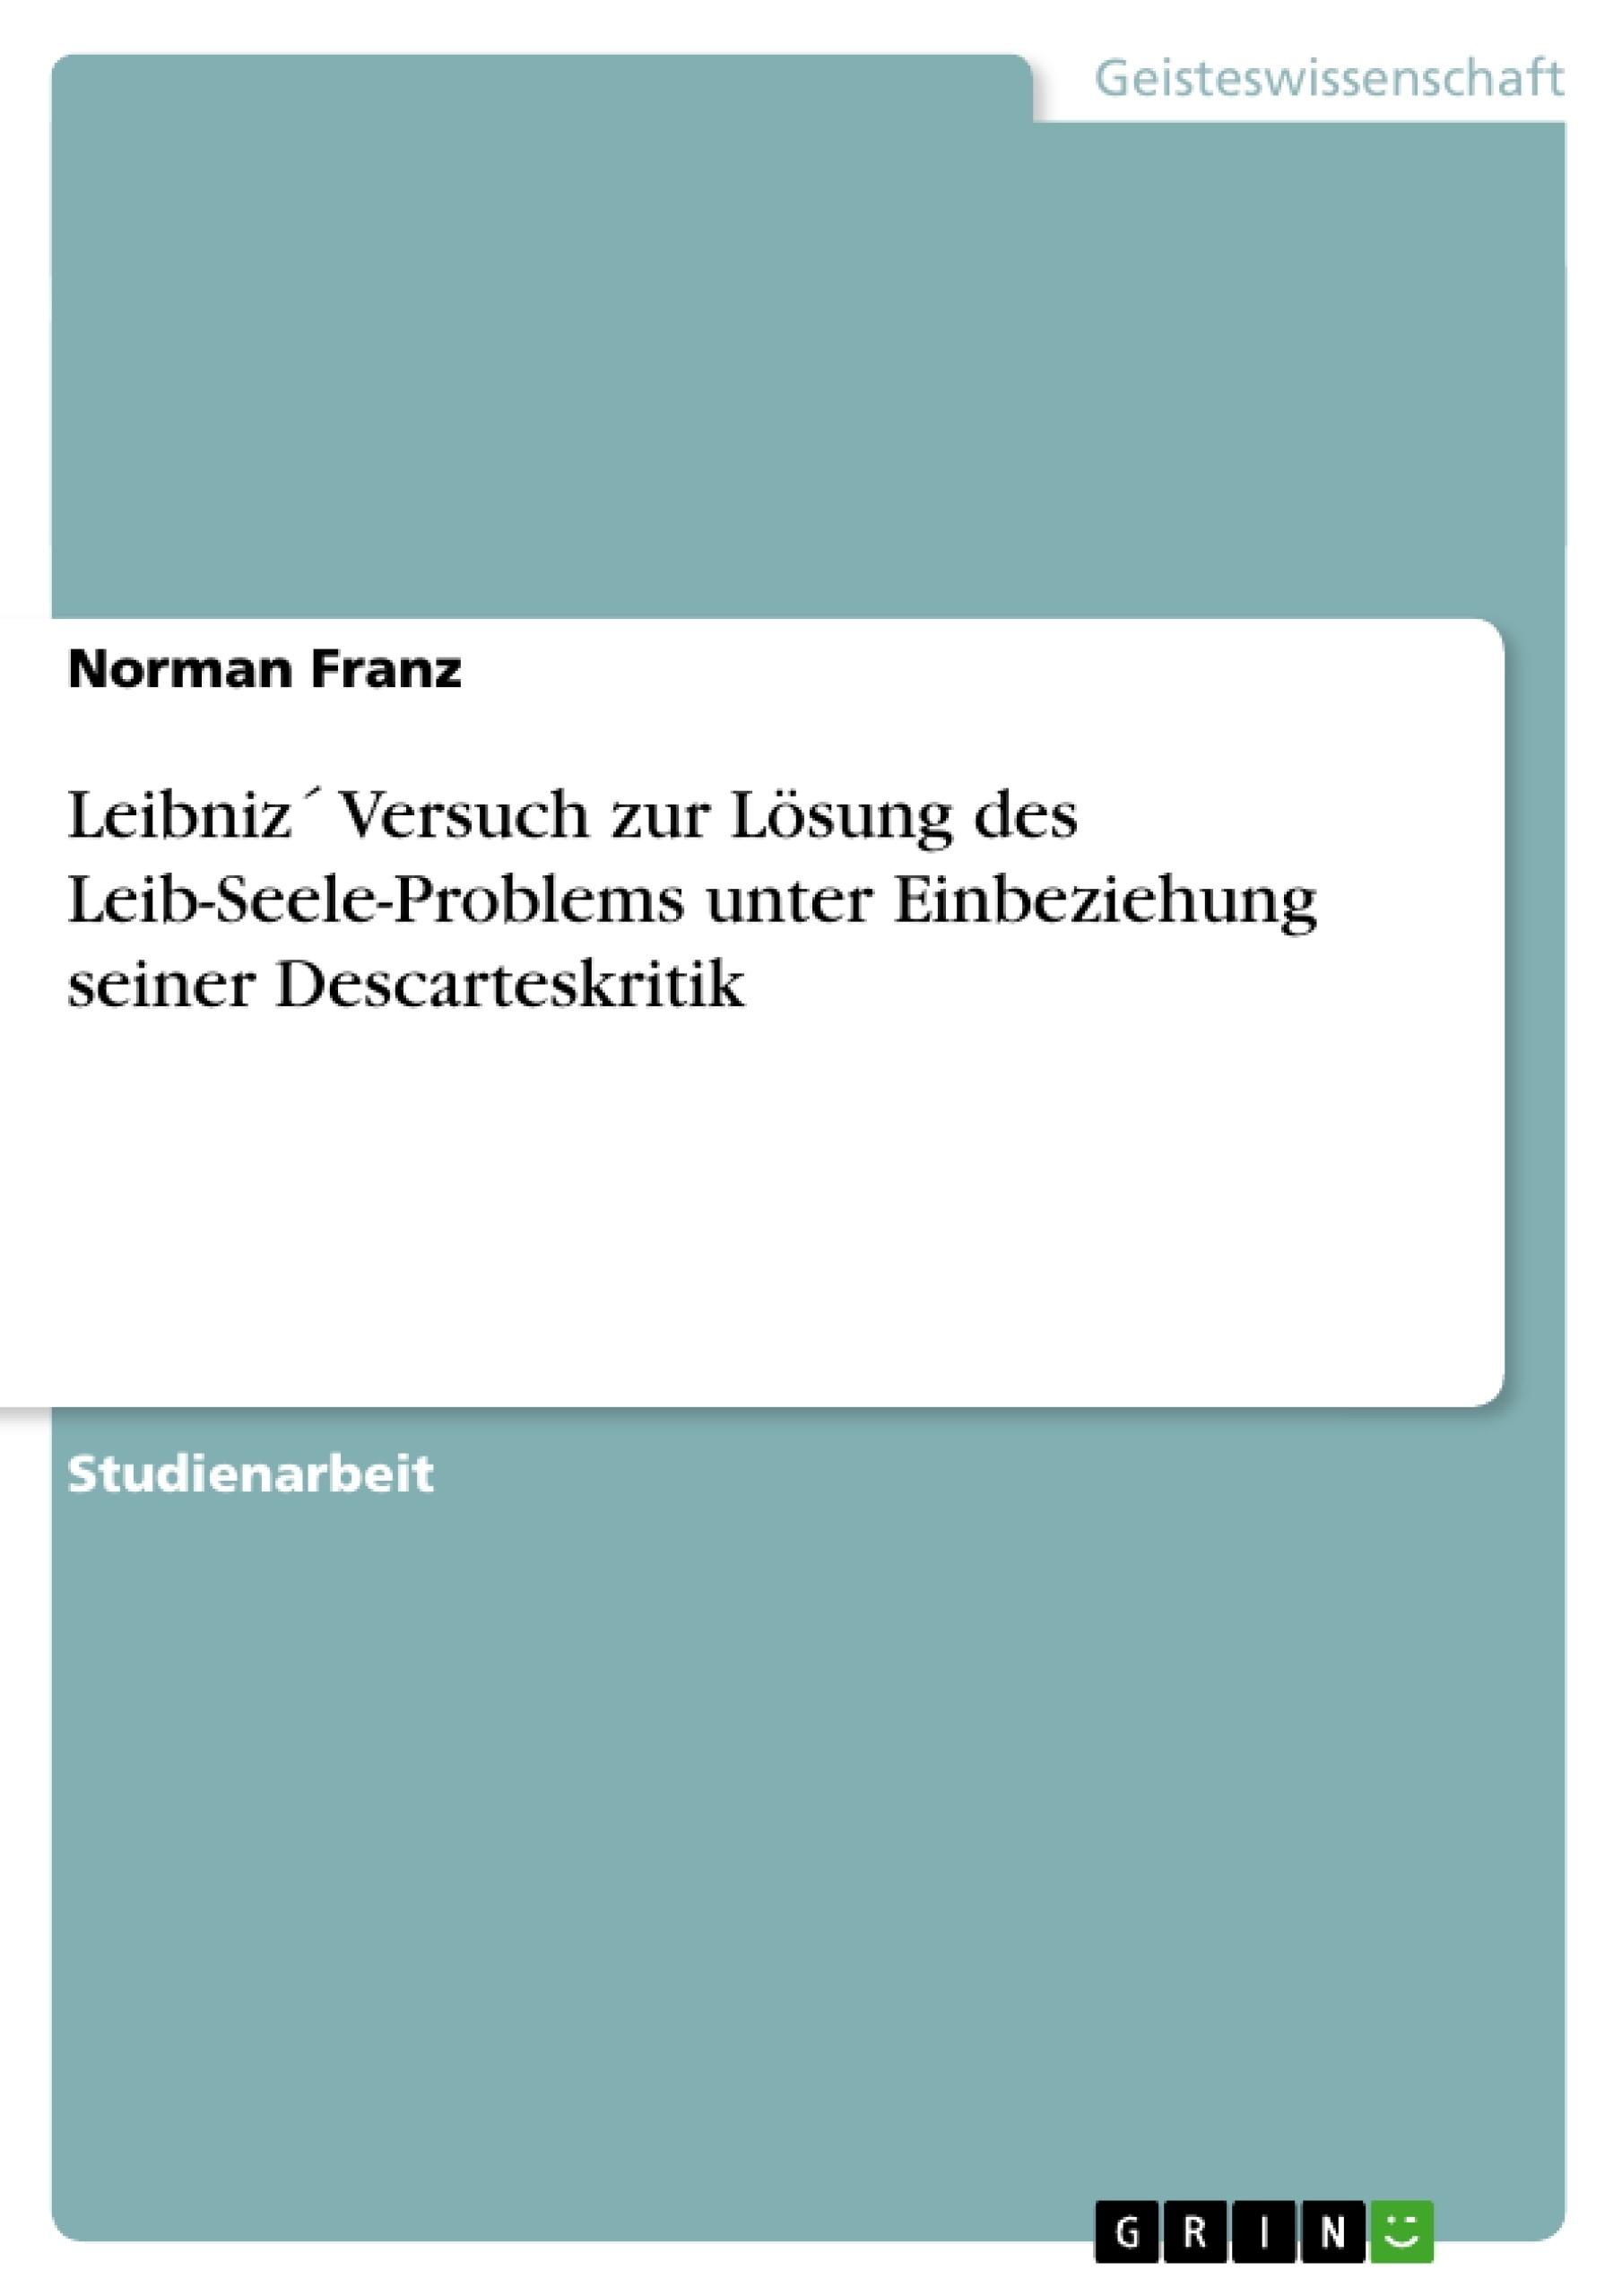 Titel: Leibniz´ Versuch zur Lösung des Leib-Seele-Problems unter Einbeziehung seiner Descarteskritik